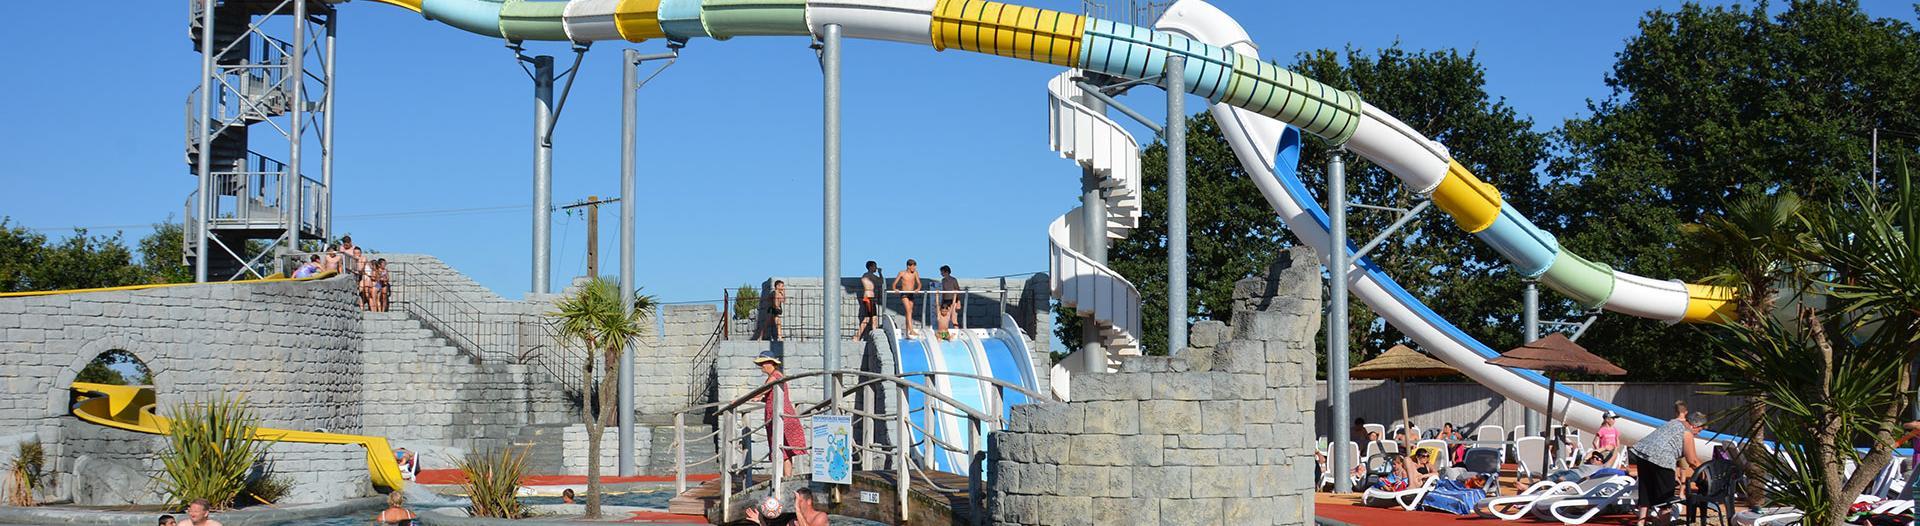 slider-domaine-leveno-parc-aquatique